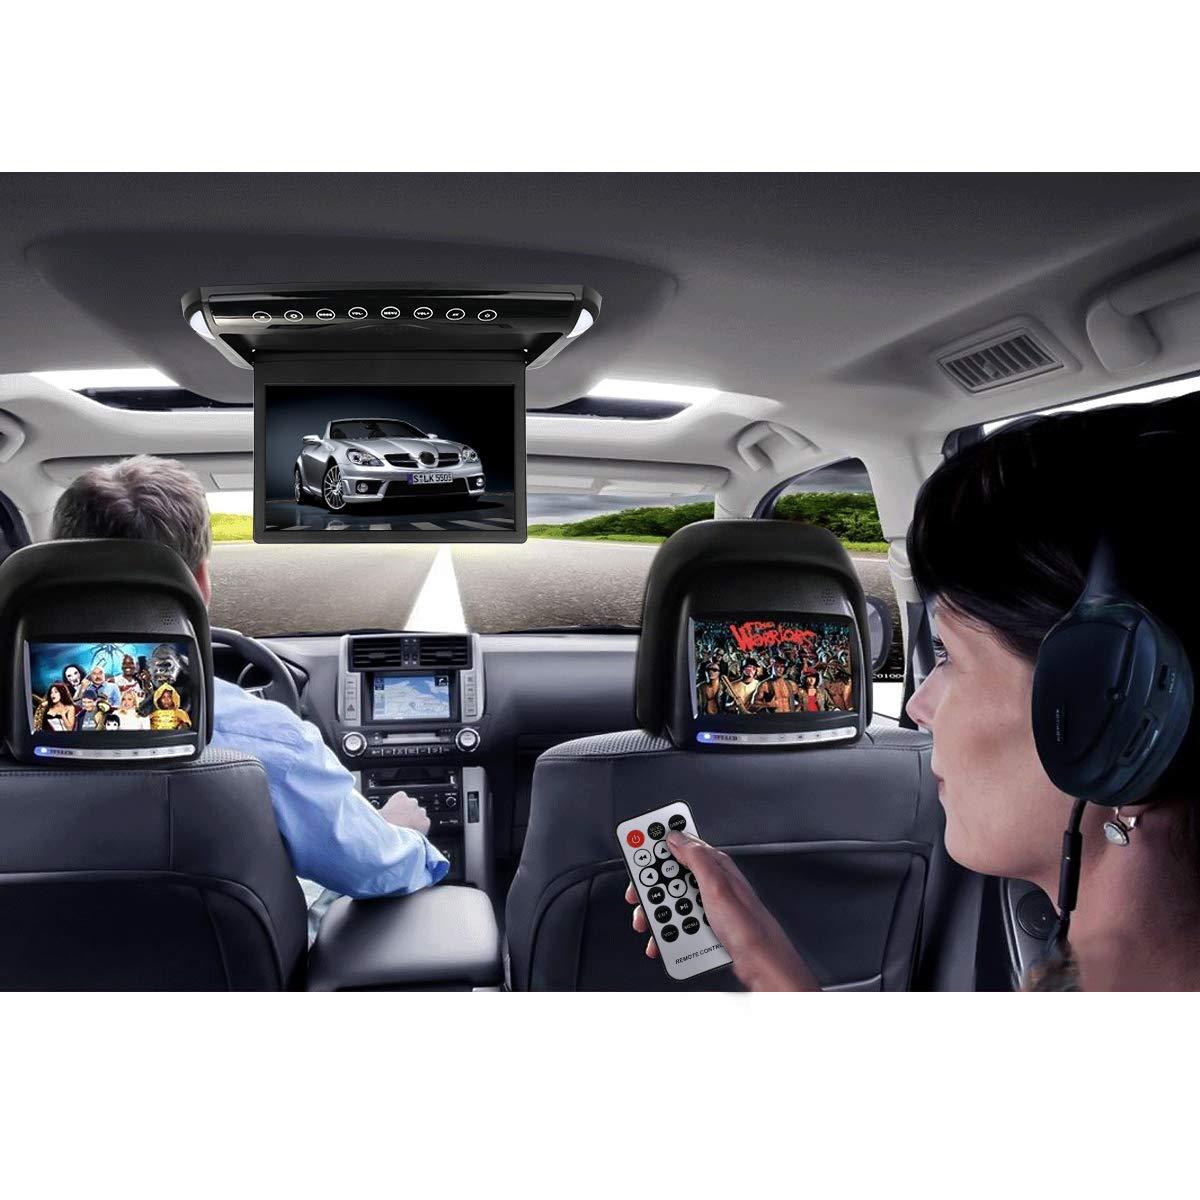 Moniteur mont/é sur le toit de la voiture MiCarBa 1080P HD ultra mince 10,1 pouces IPS /Écran Moniteur multim/édia rabattable avec FM SD USB CL1008BL